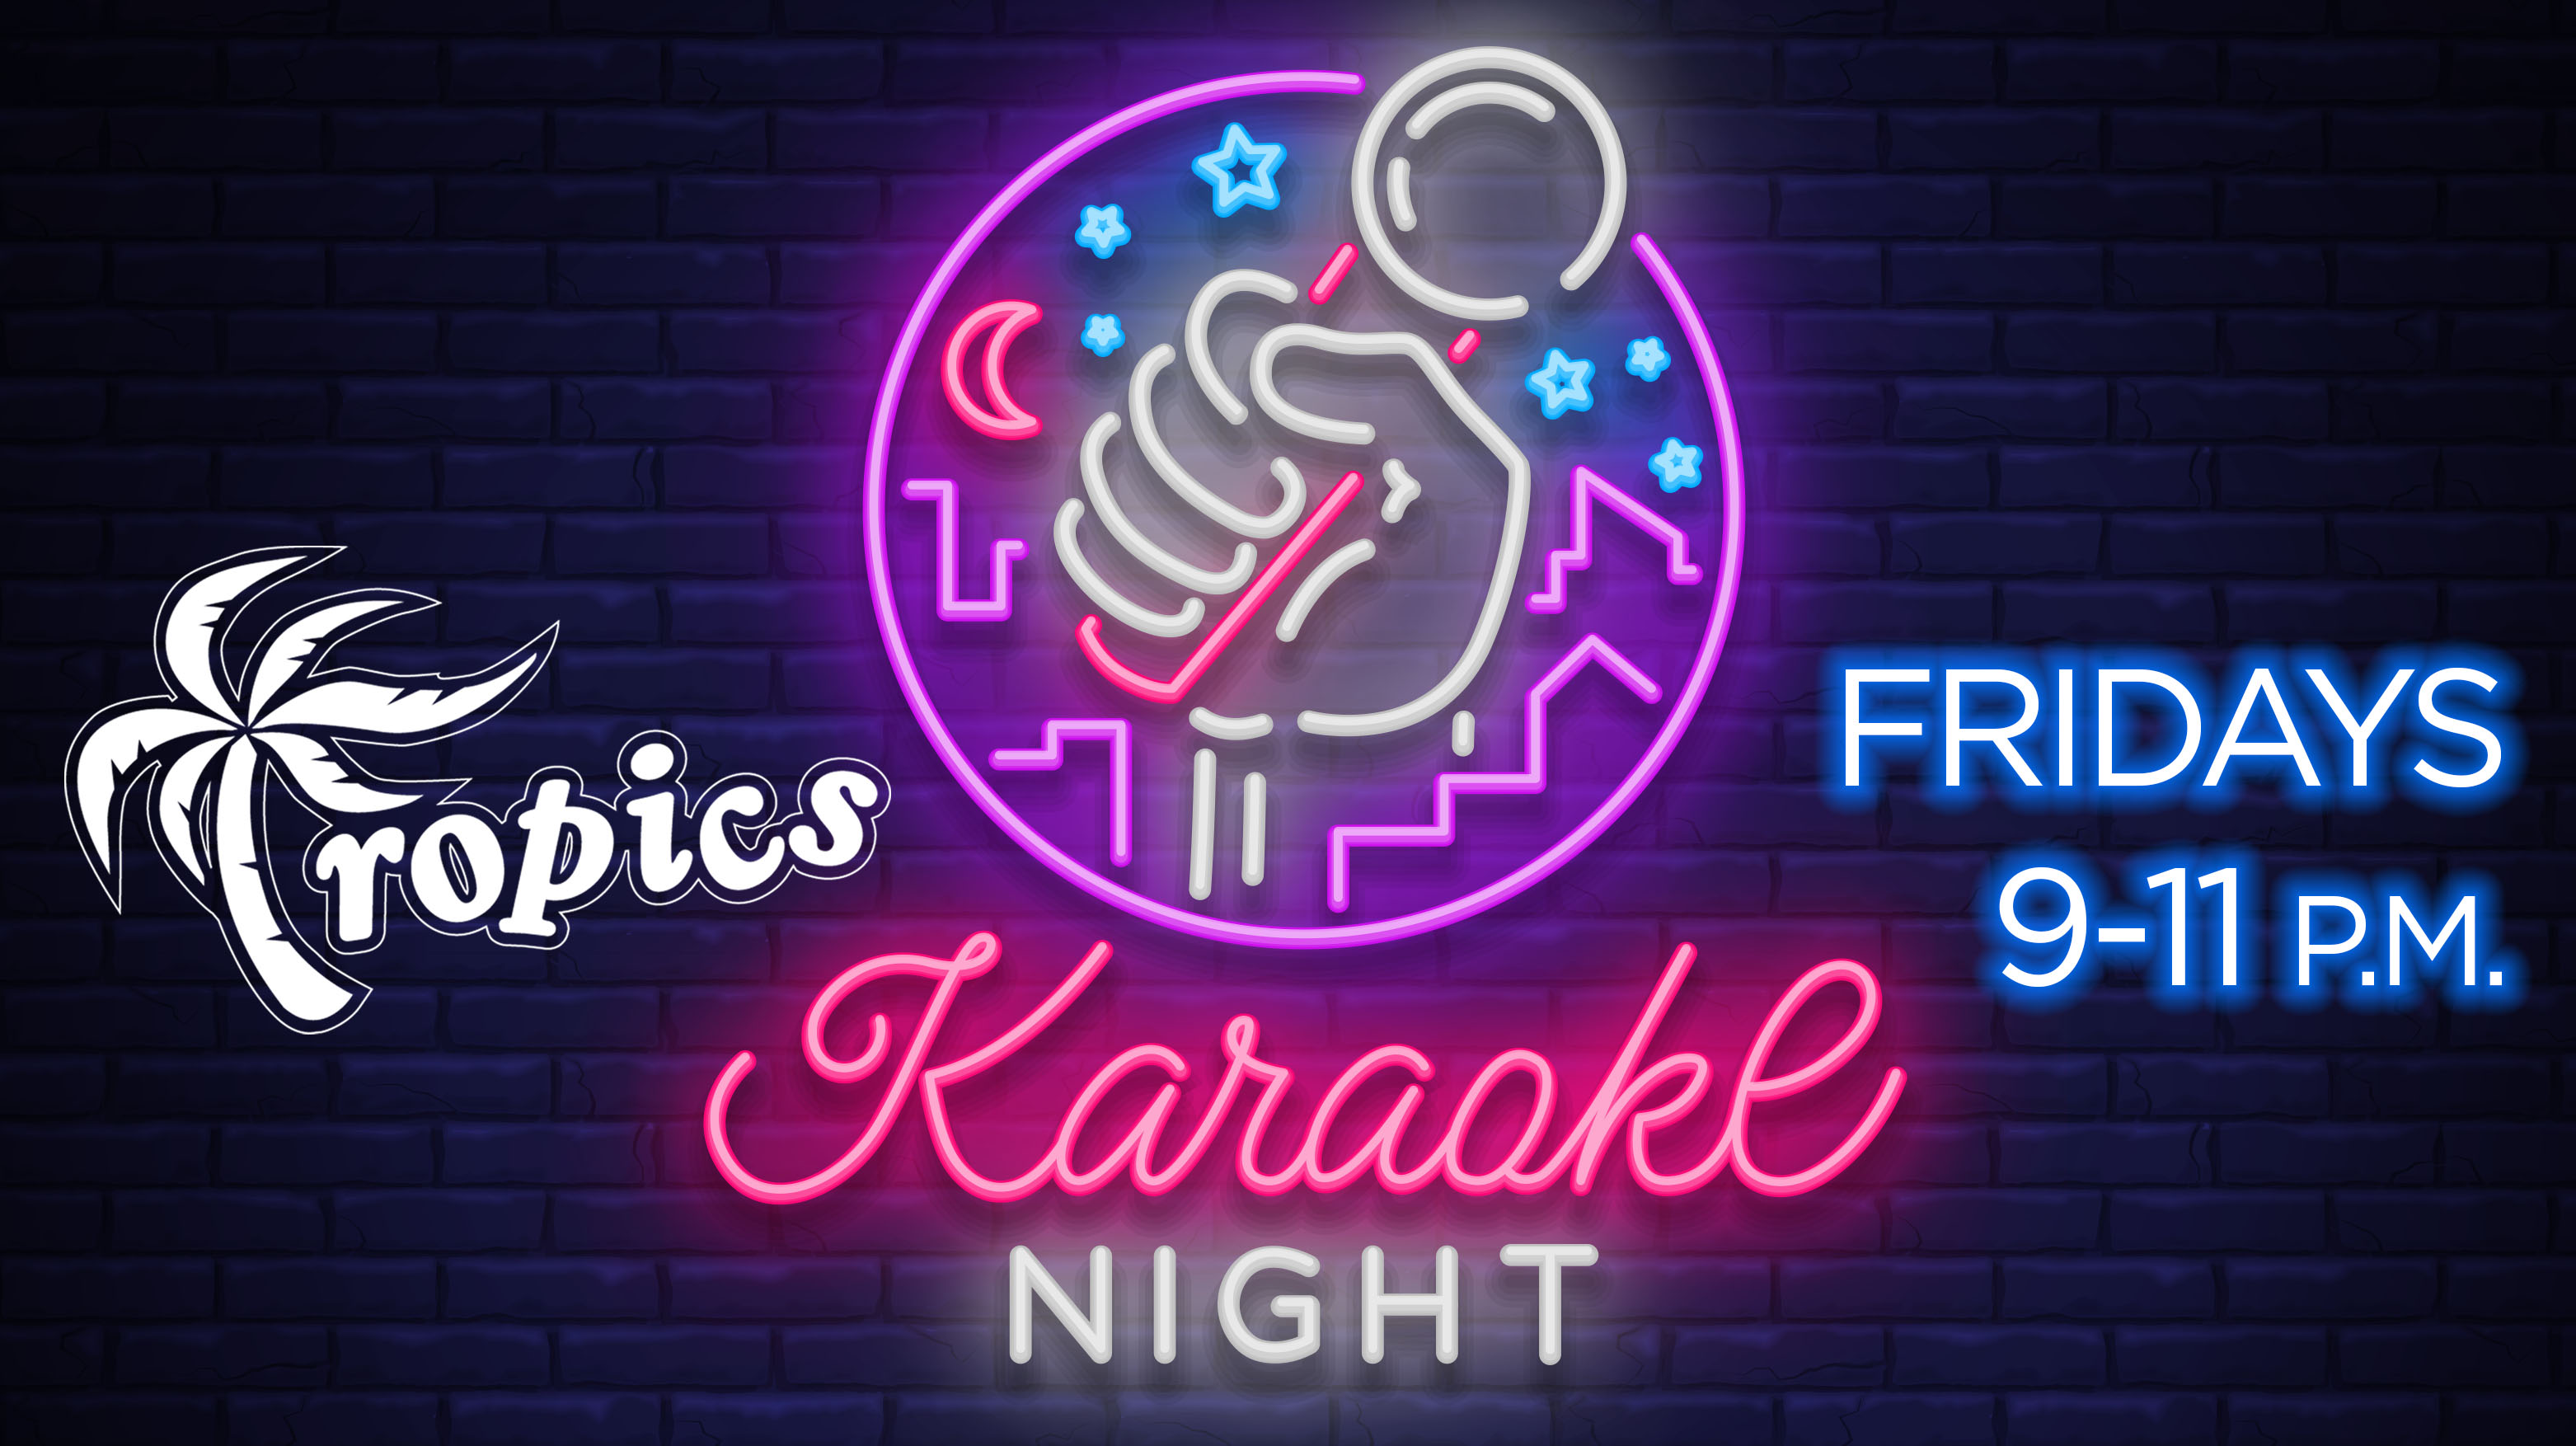 Tropics Karaoke